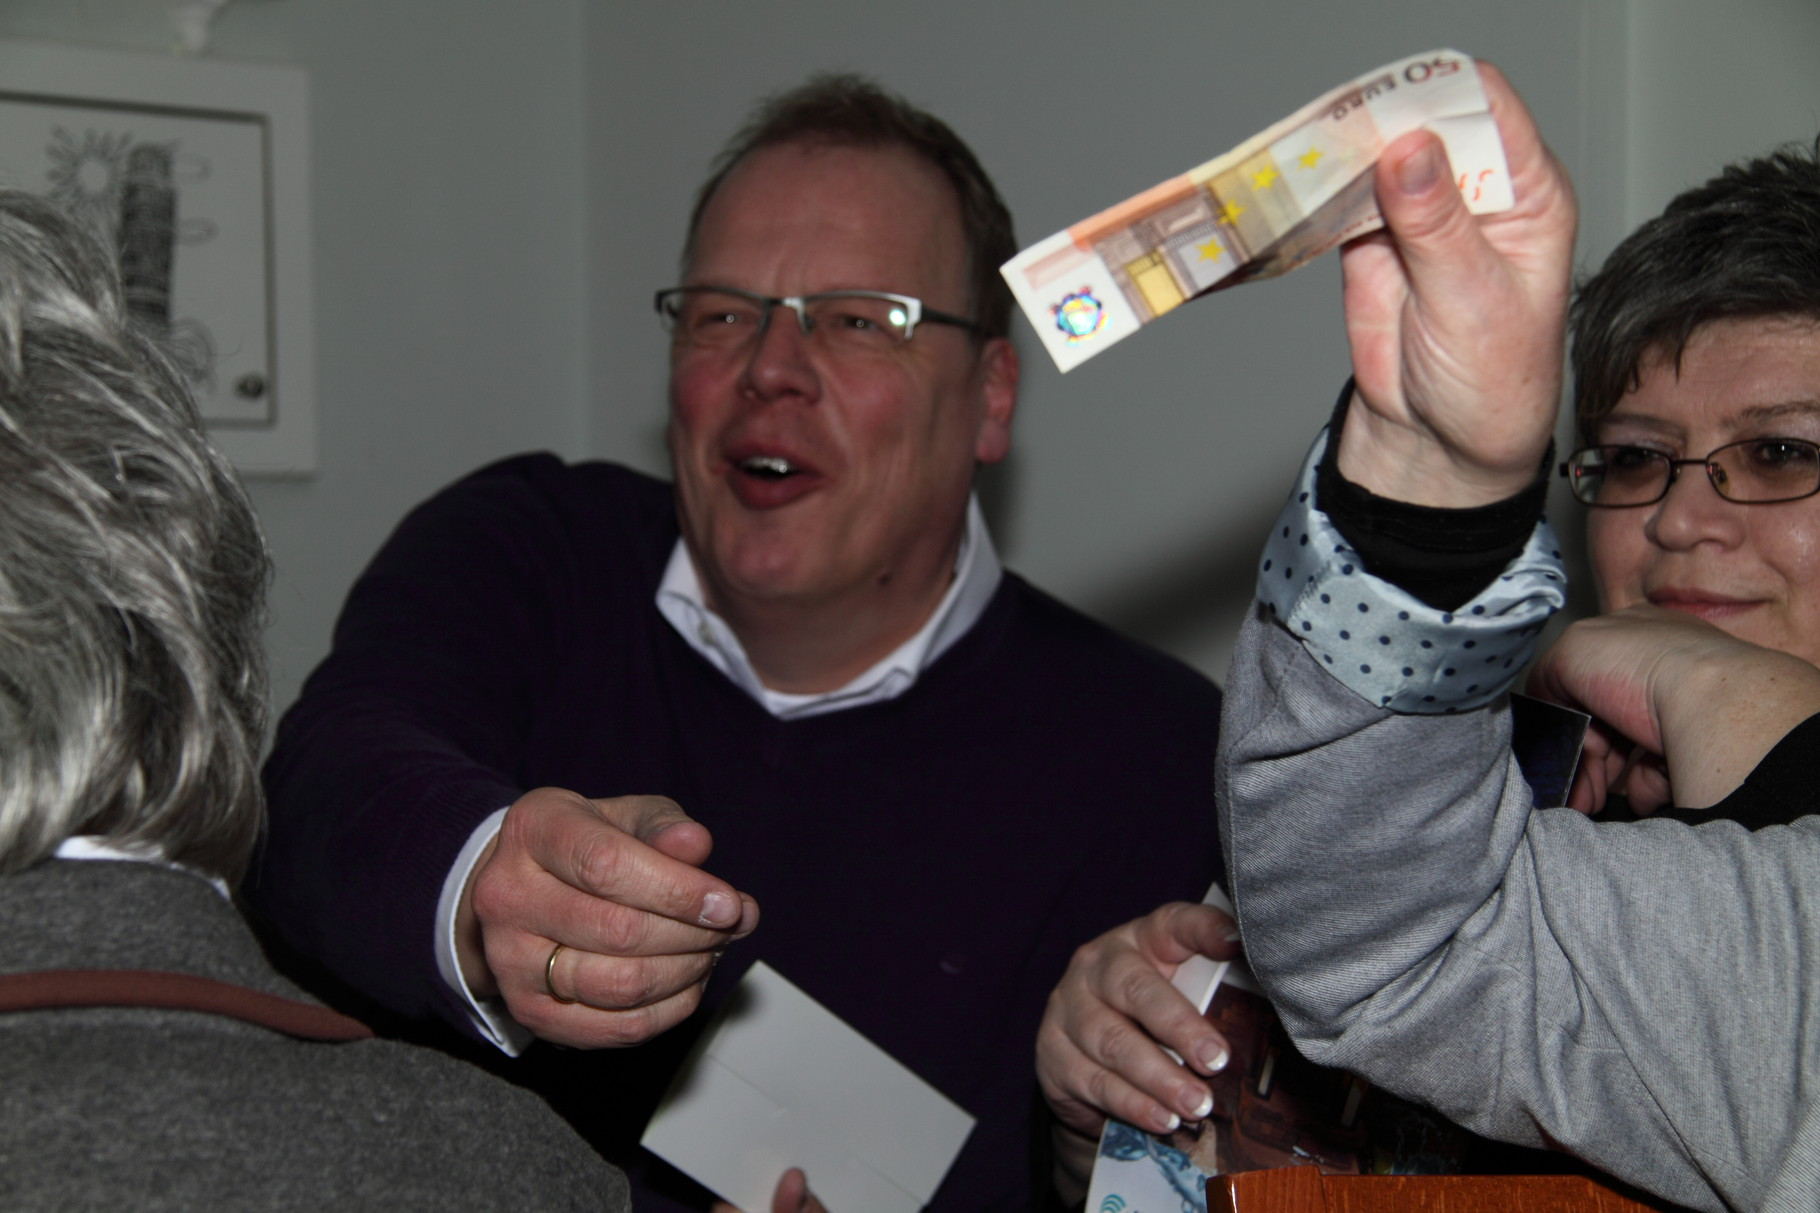 Jens Kähler/DIE Küchen DIELE bittet erfolgreich um weitere Spenden ...